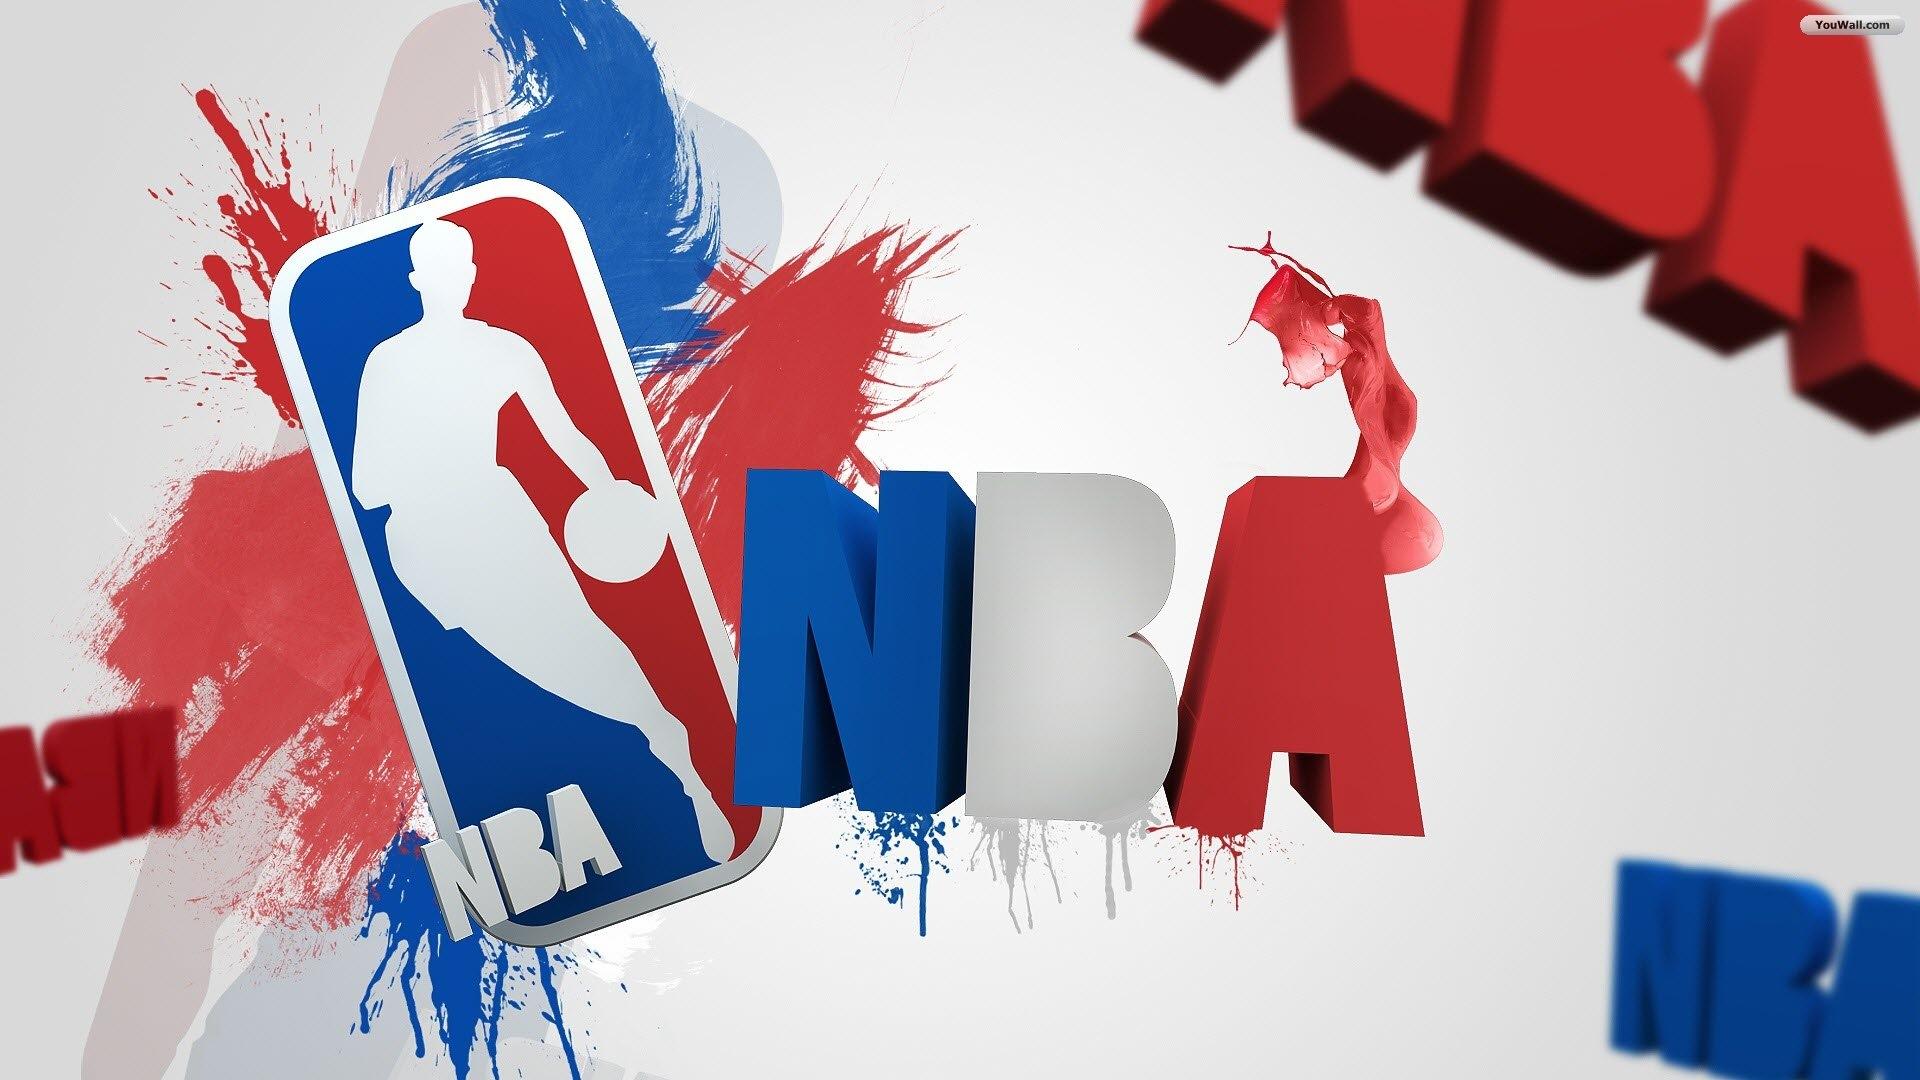 Резултати от първия кръг на плейофите в Националната баскетболна асоциация